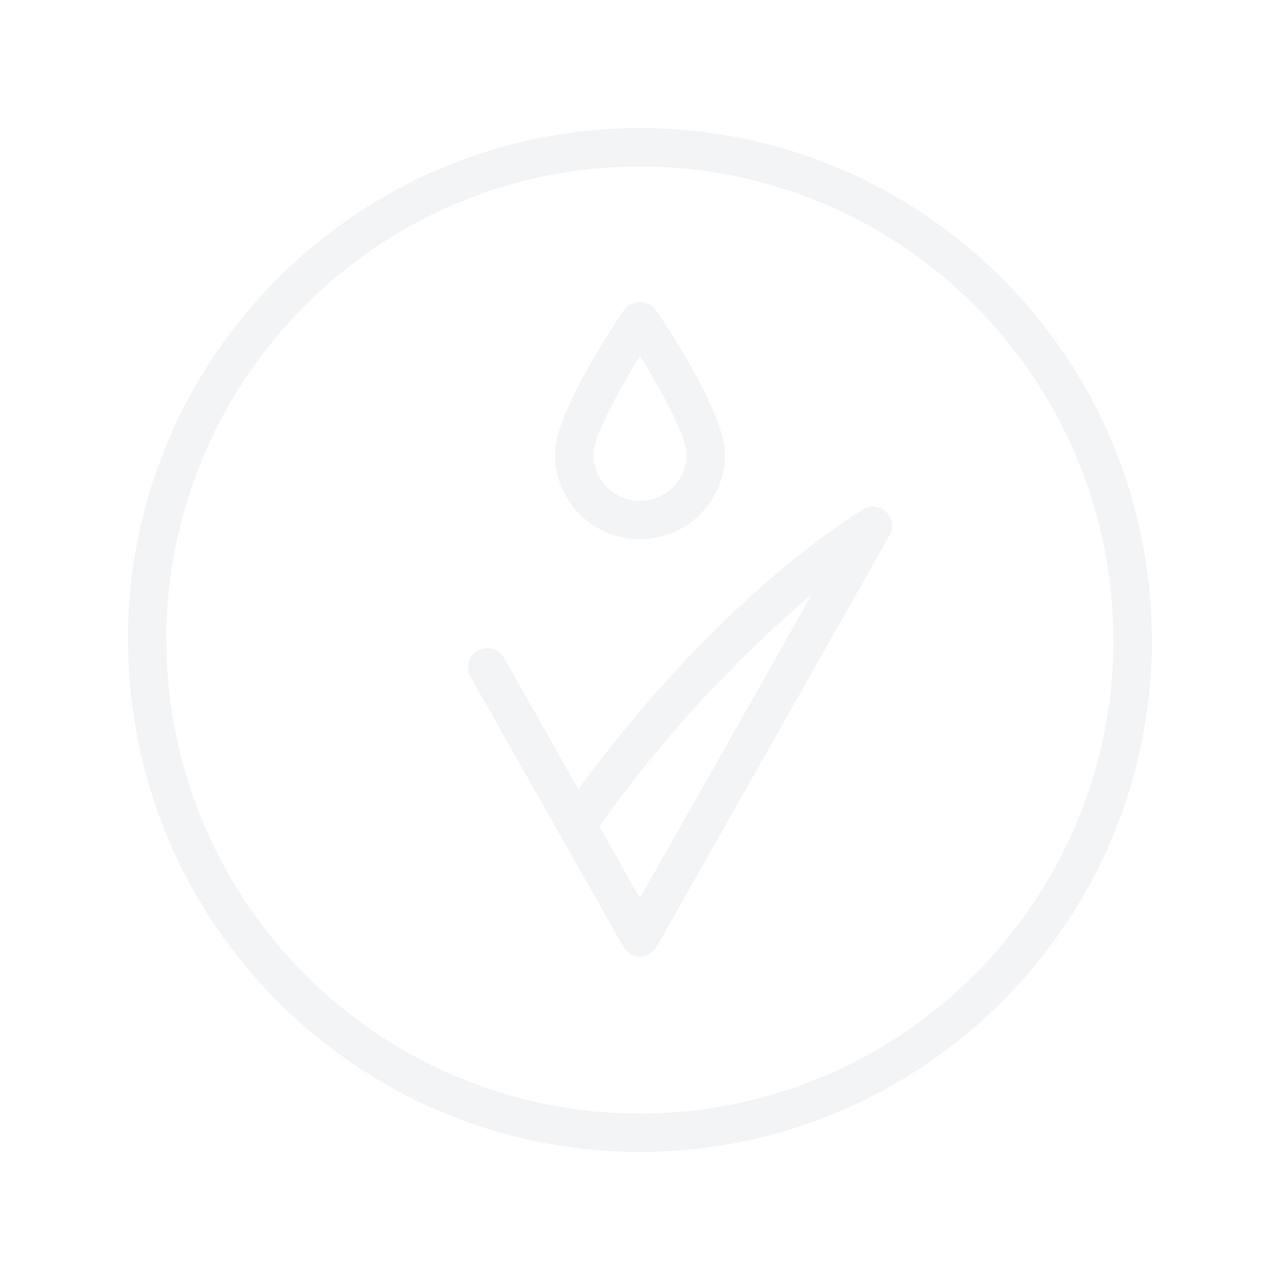 SCHWARZKOPF PROFESSIONAL BC Collagen Volume Boost Micellar Shampoo 250ml